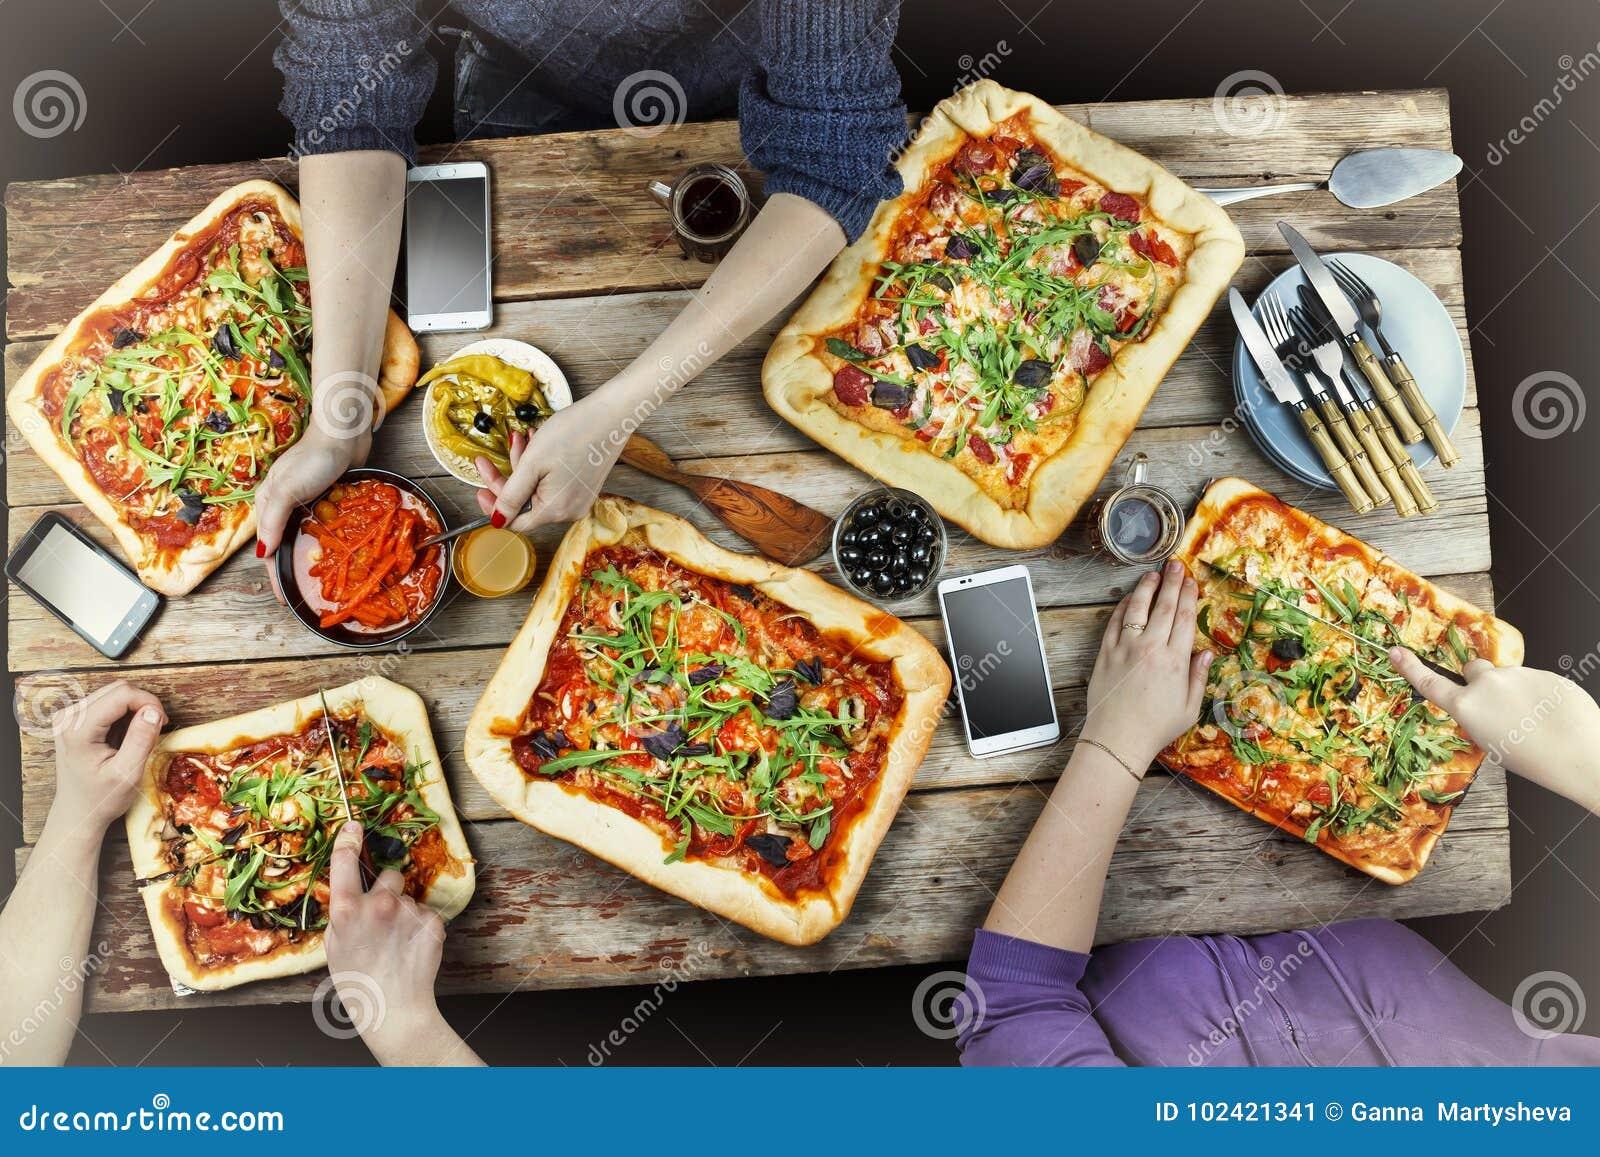 Scherpe pizza Binnenlands voedsel en eigengemaakte pizza Het genieten van van diner met vrienden Hoogste mening van groep mensen